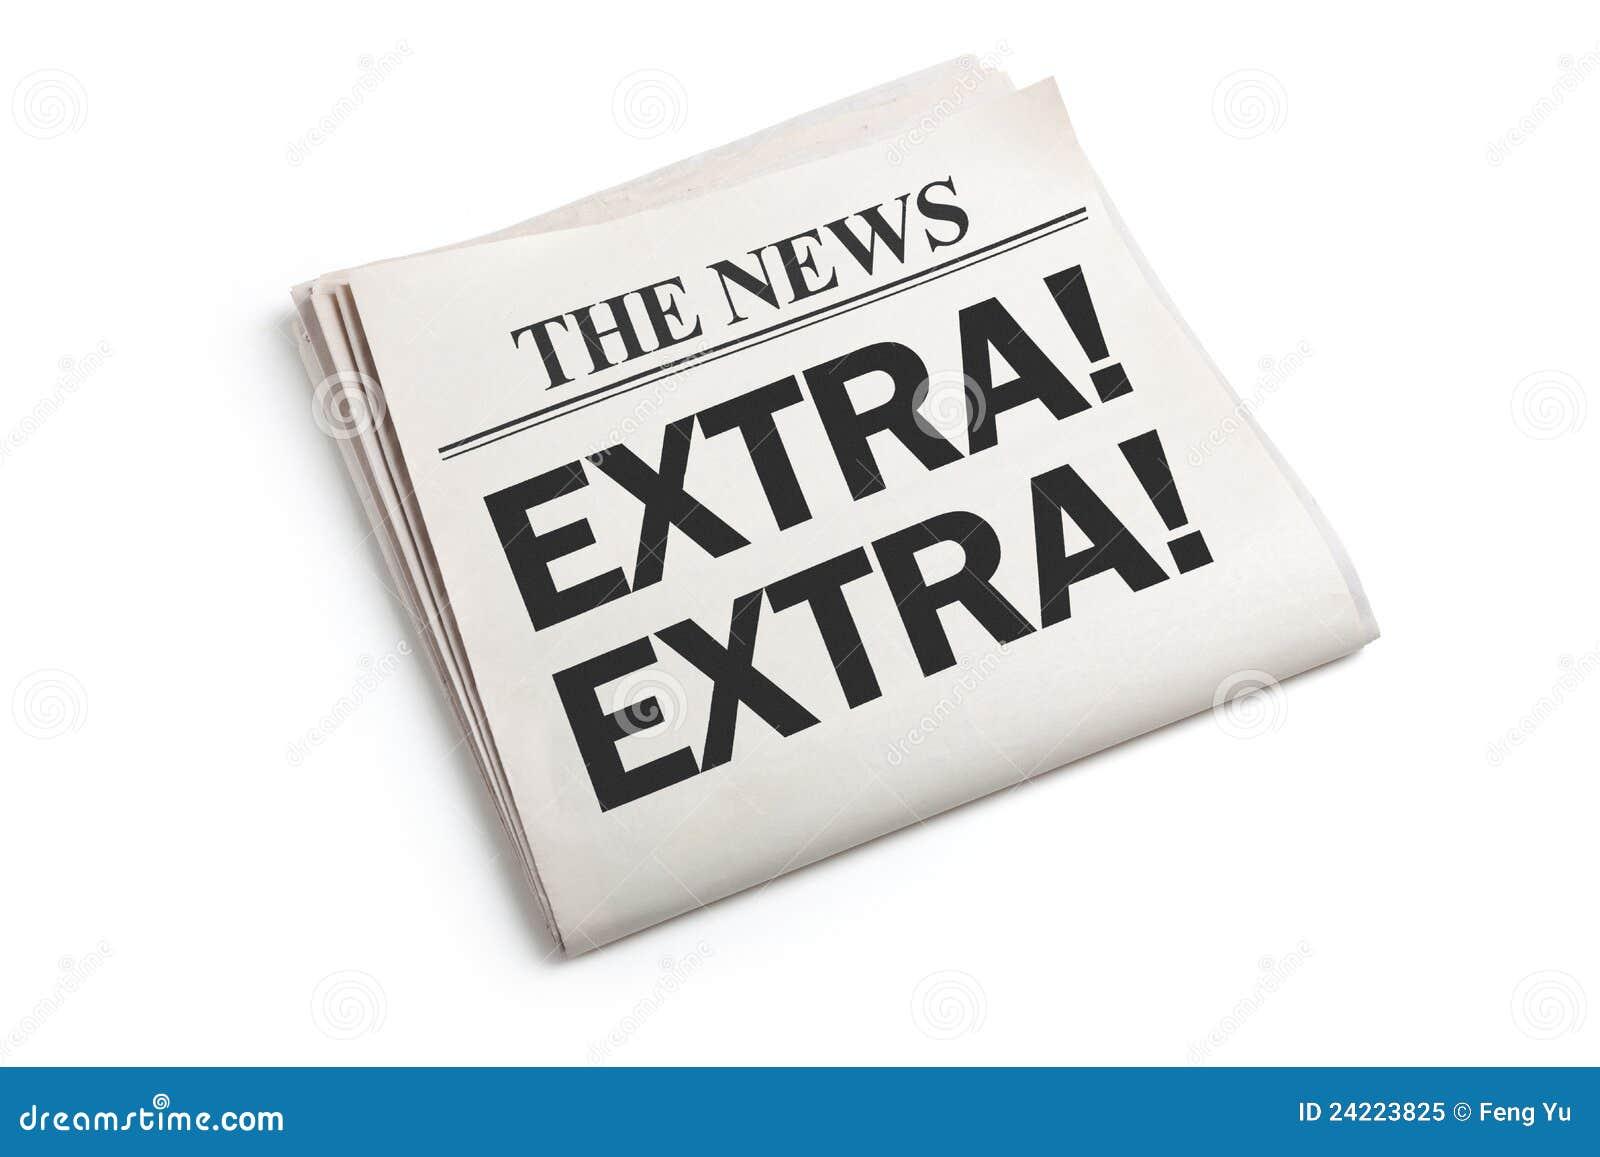 Extra nyheterna